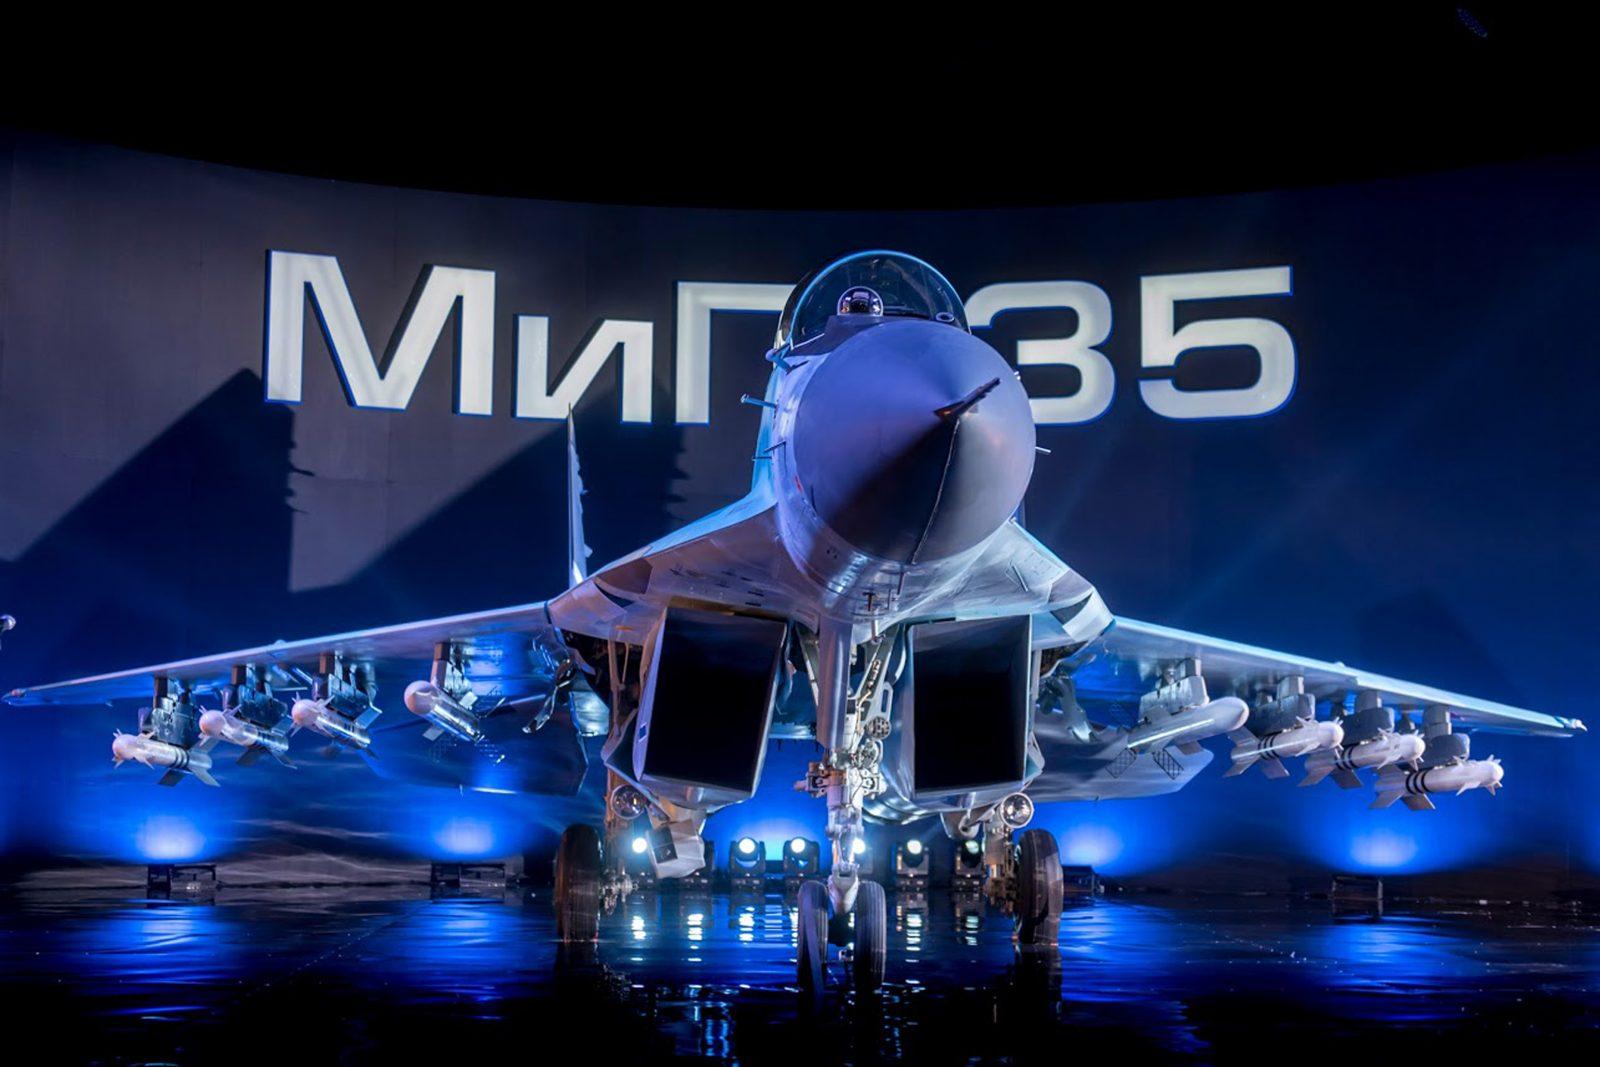 O MiG-35 é compatível com toda a gama de bombas guiadas a laser KAB-500, TV e GLONASS, o que deve permitir que ele lide com algumas das operações de combate de alta intensidade que seriam excessivas para o seu antecessor.